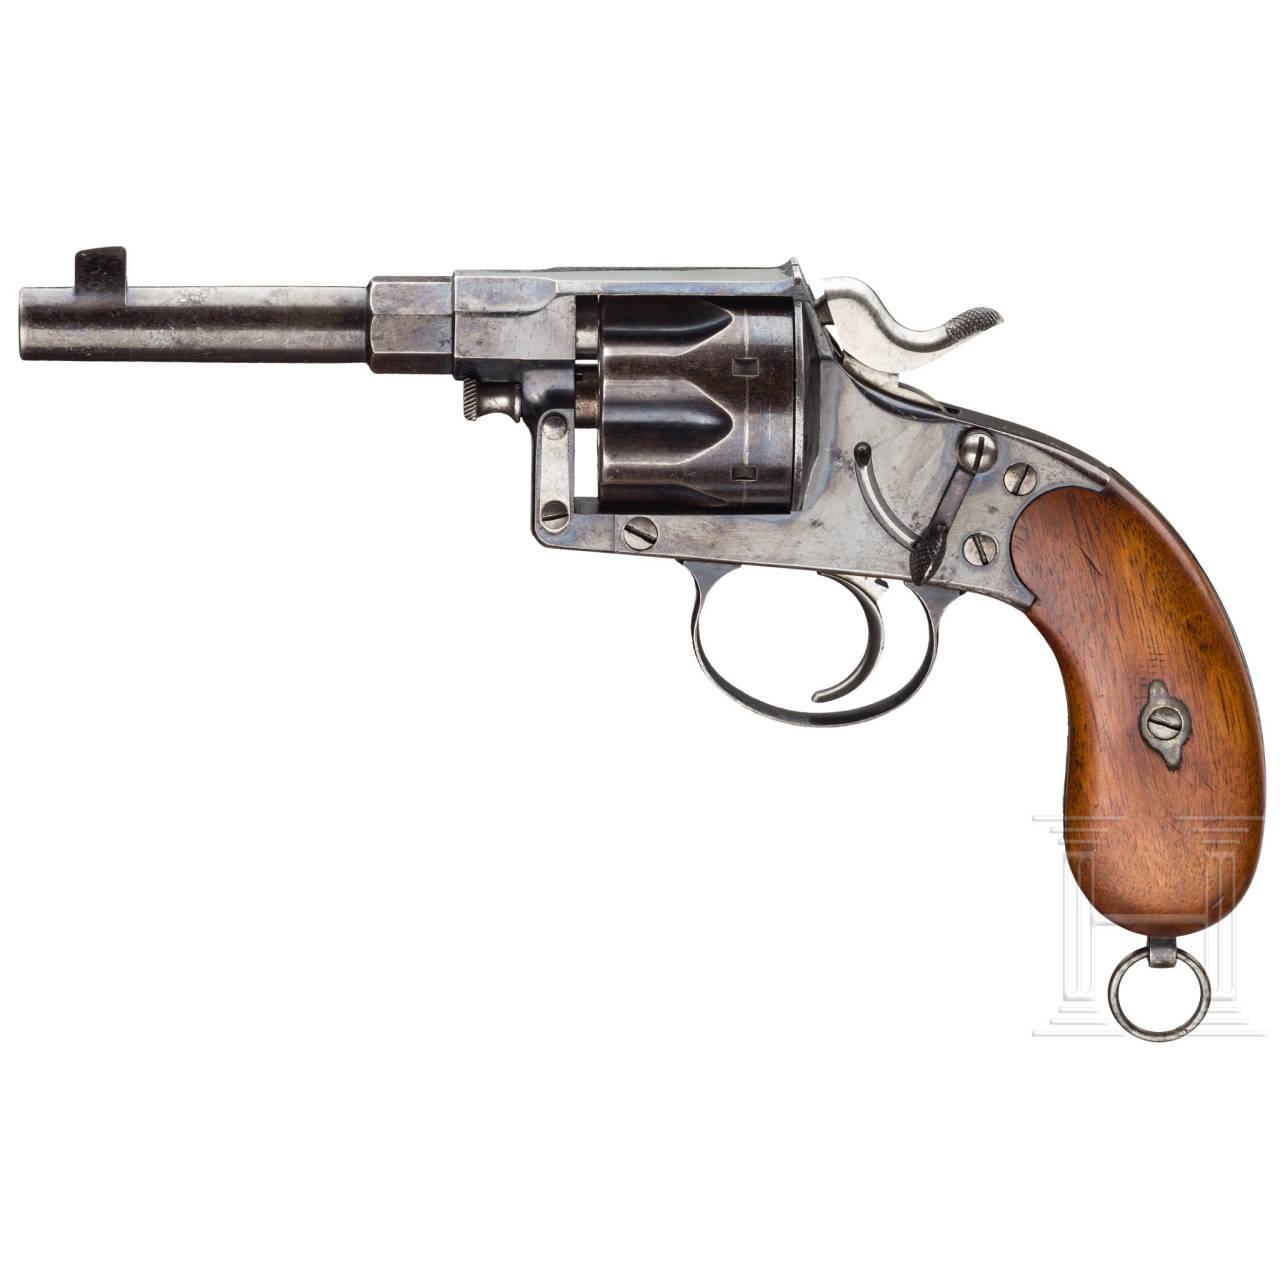 Reichsrevolver Mod. 1883, Muster oder Versuch der Königlich Preußischen Inspektion der Gewehrfabrik